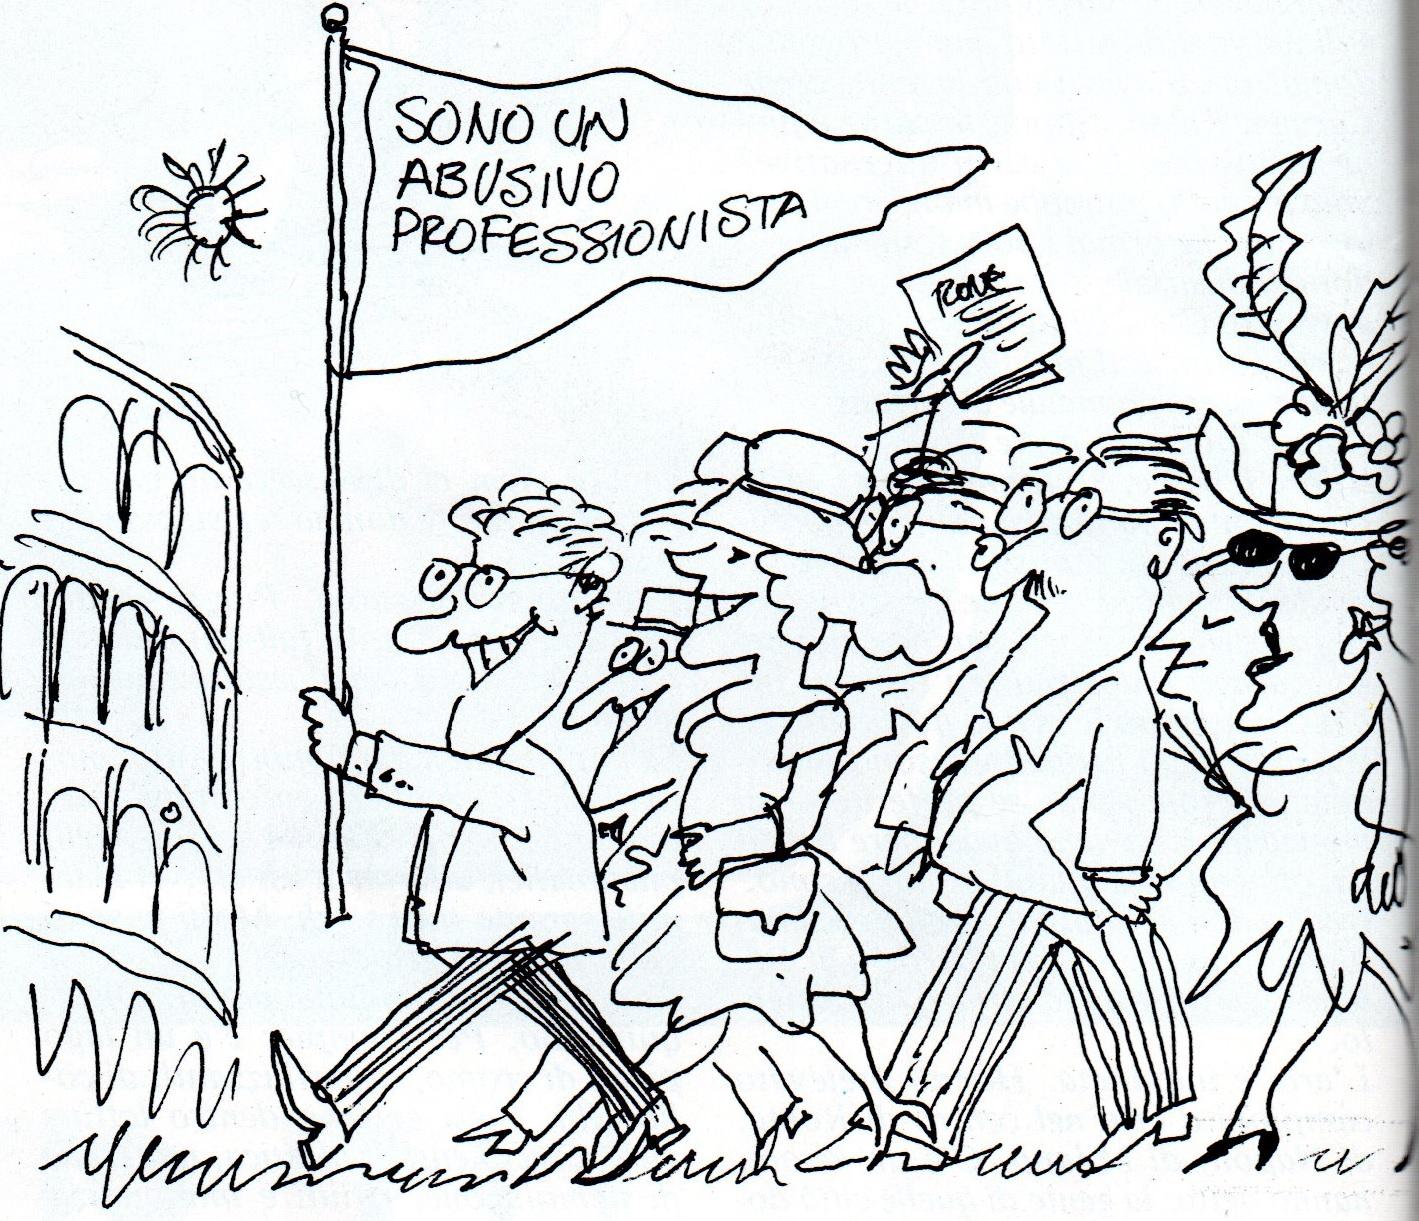 IL PRIMO SERVIZIO GIORNALISTICO PER AVINEWS (1986)